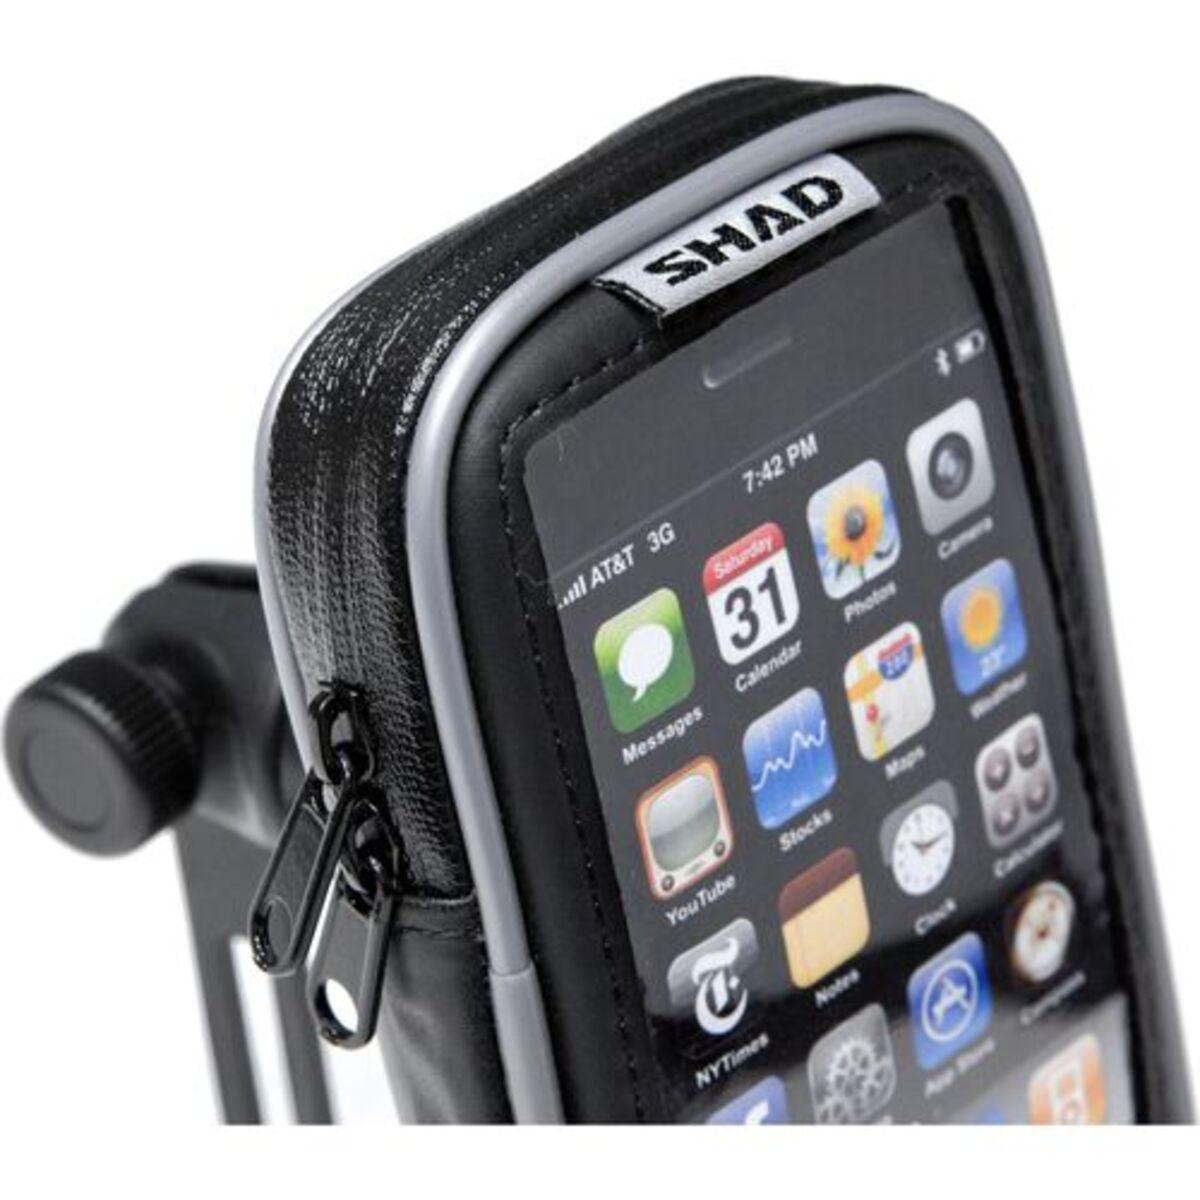 Bild 1 von SHAD Smartphone Tasche für Lenkerspiegel SG20M 3,8 Zoll